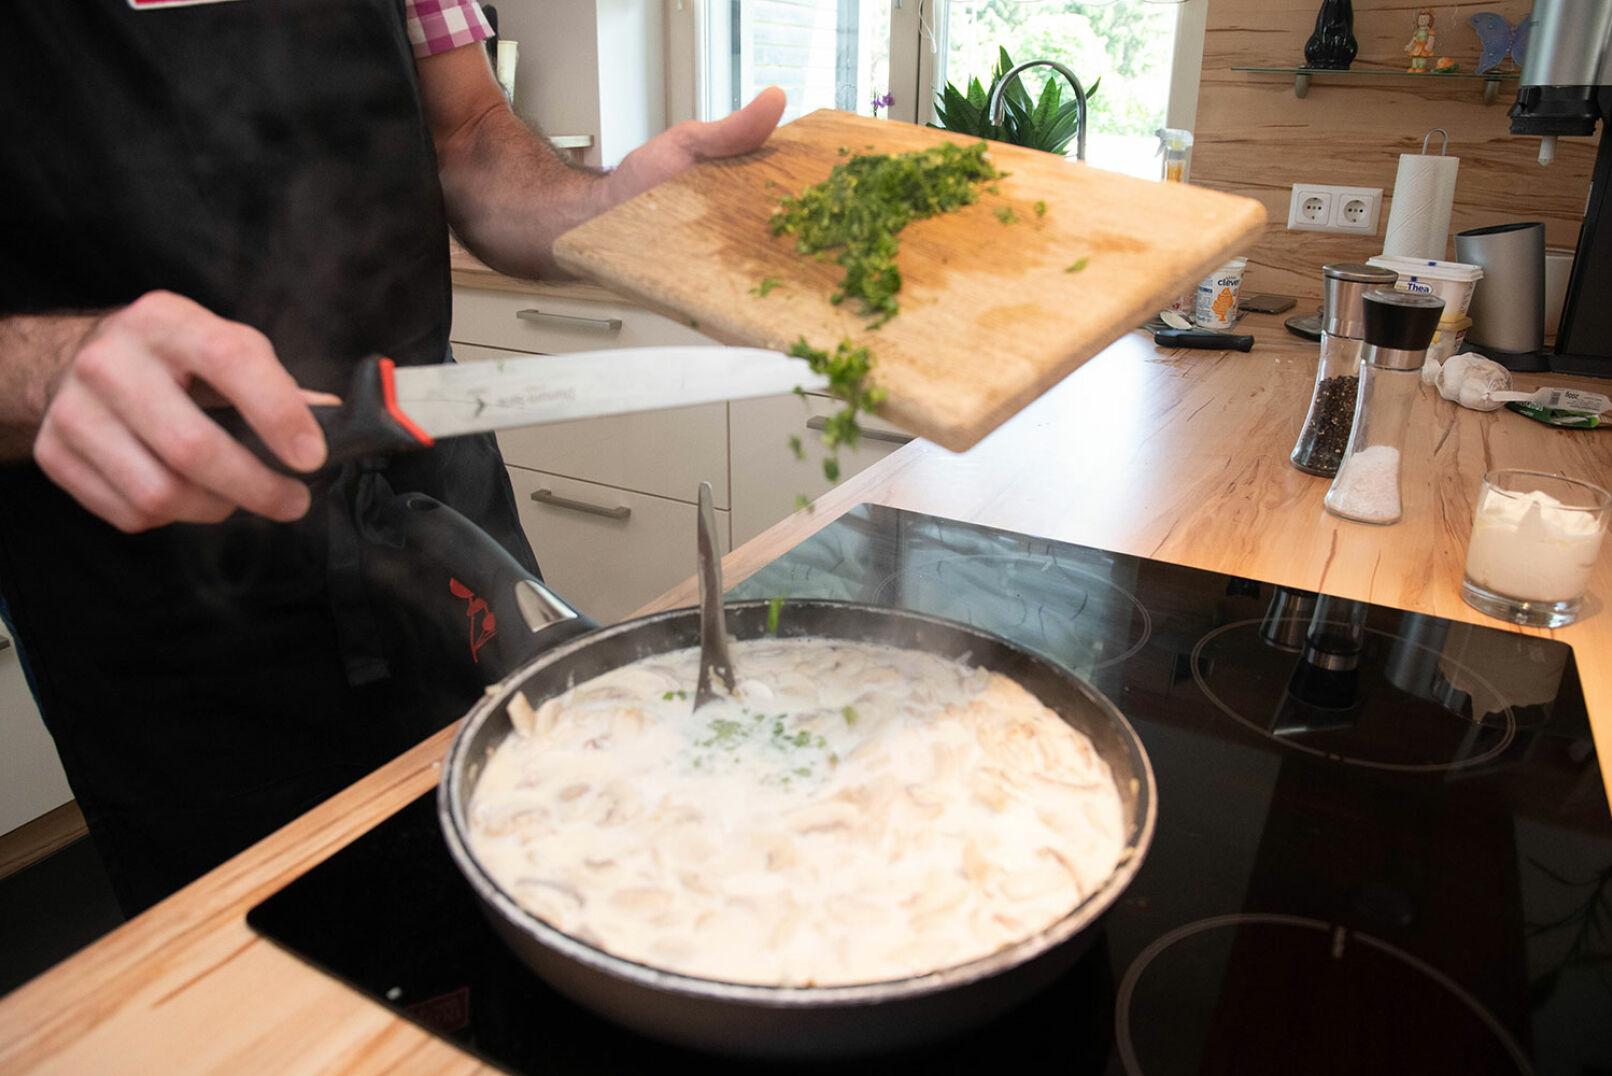 Salz und Pfeffer beigeben, kurz aufkochen lassen, danach bei kleiner Hitze Petersilie und Sauerrahm hinzufügen. - © Barbara Marko